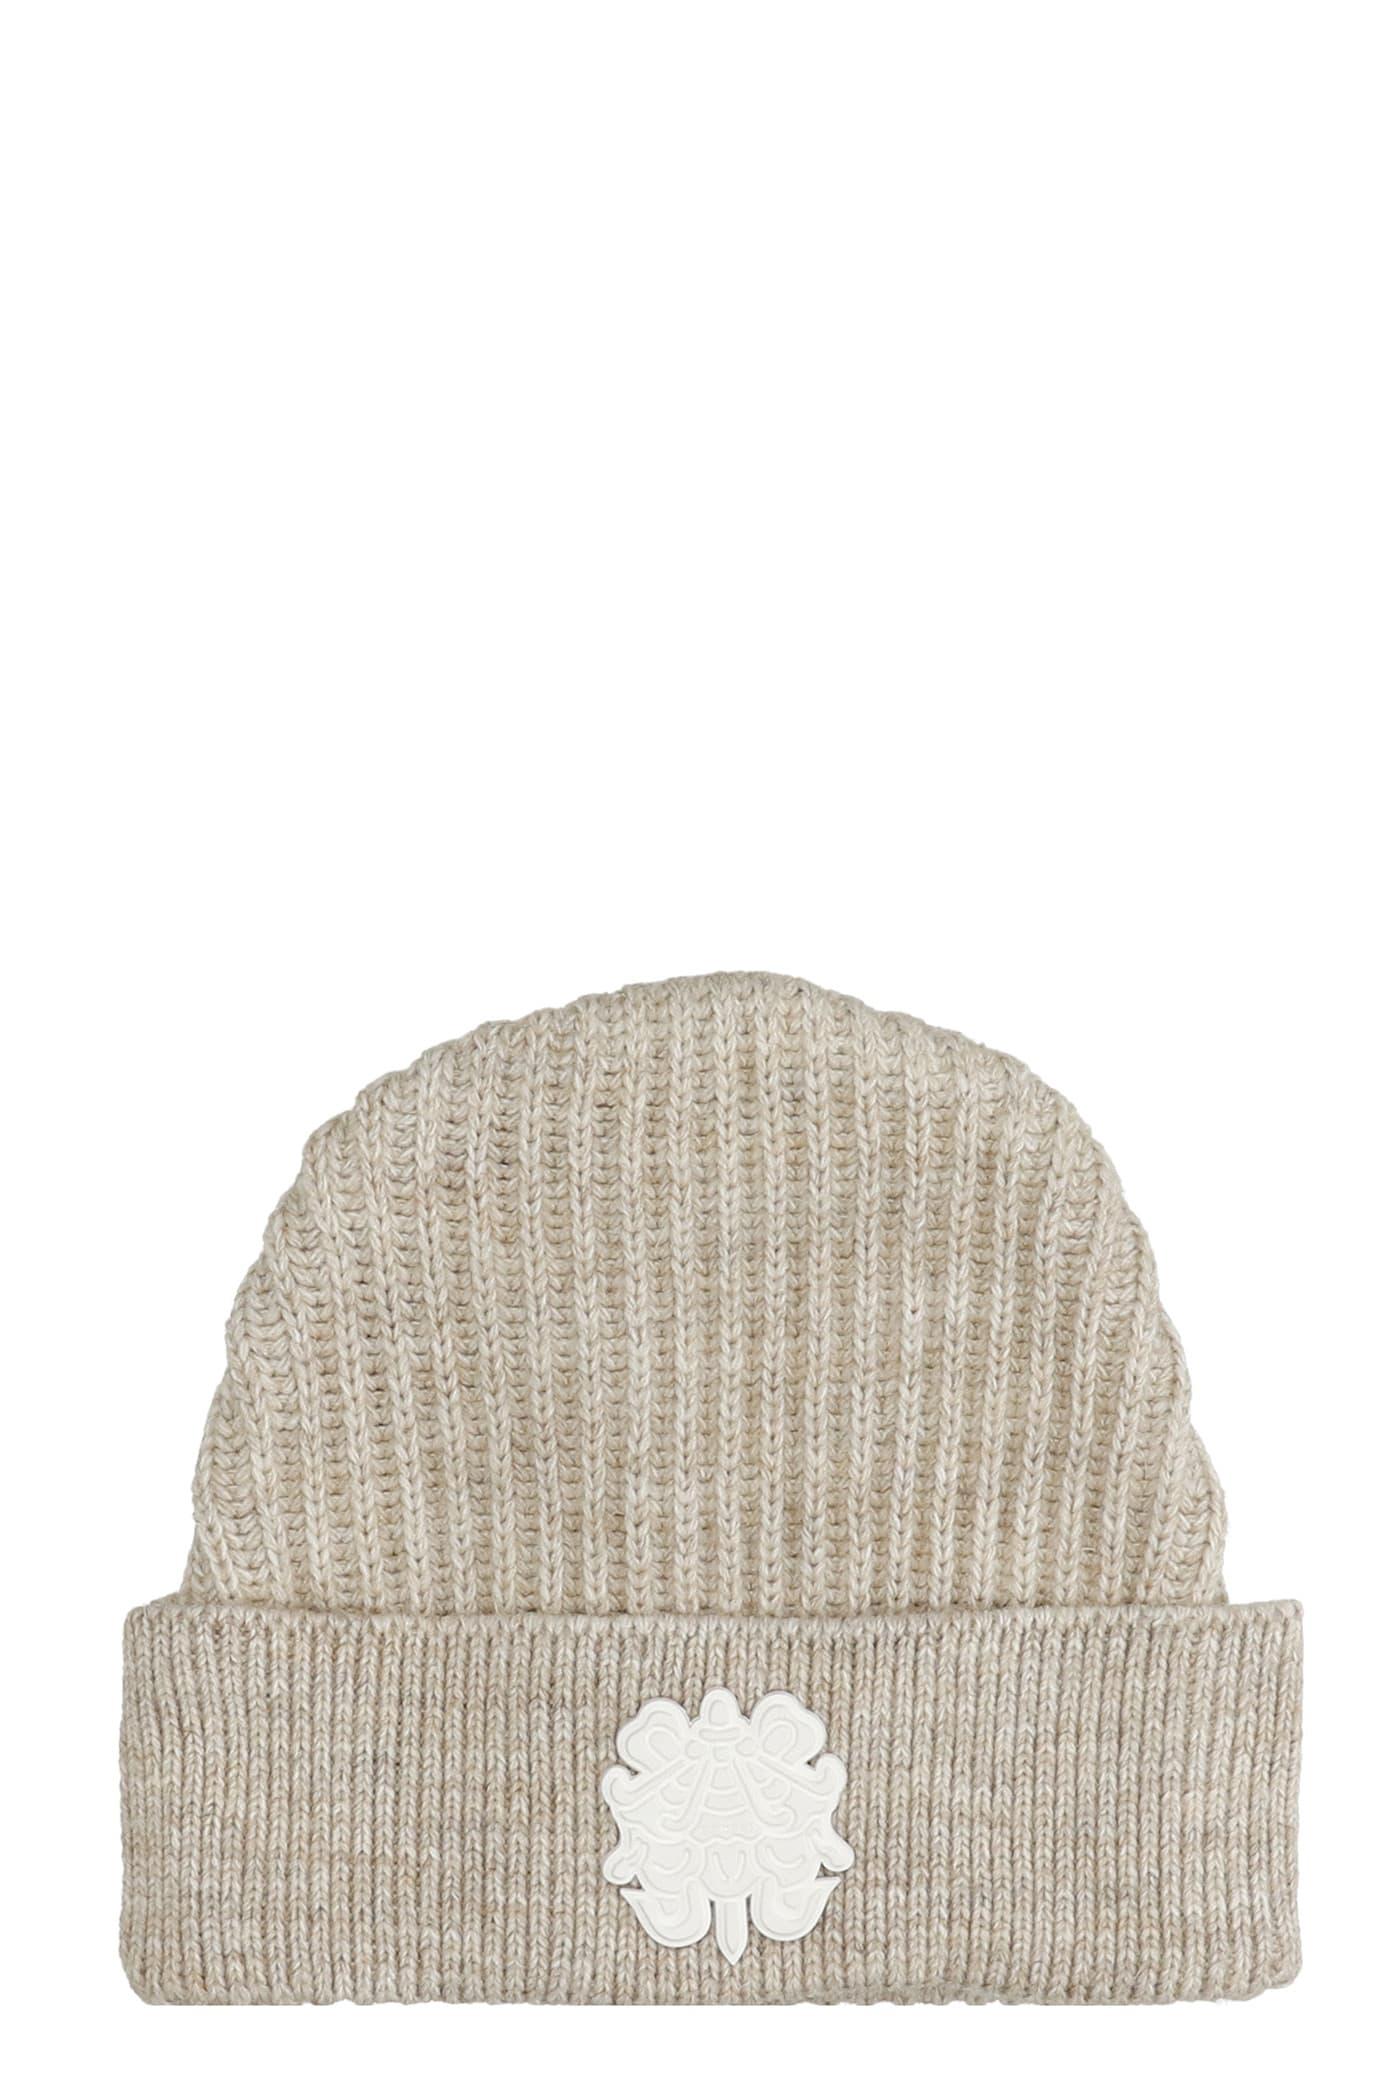 Hats In Beige Wool